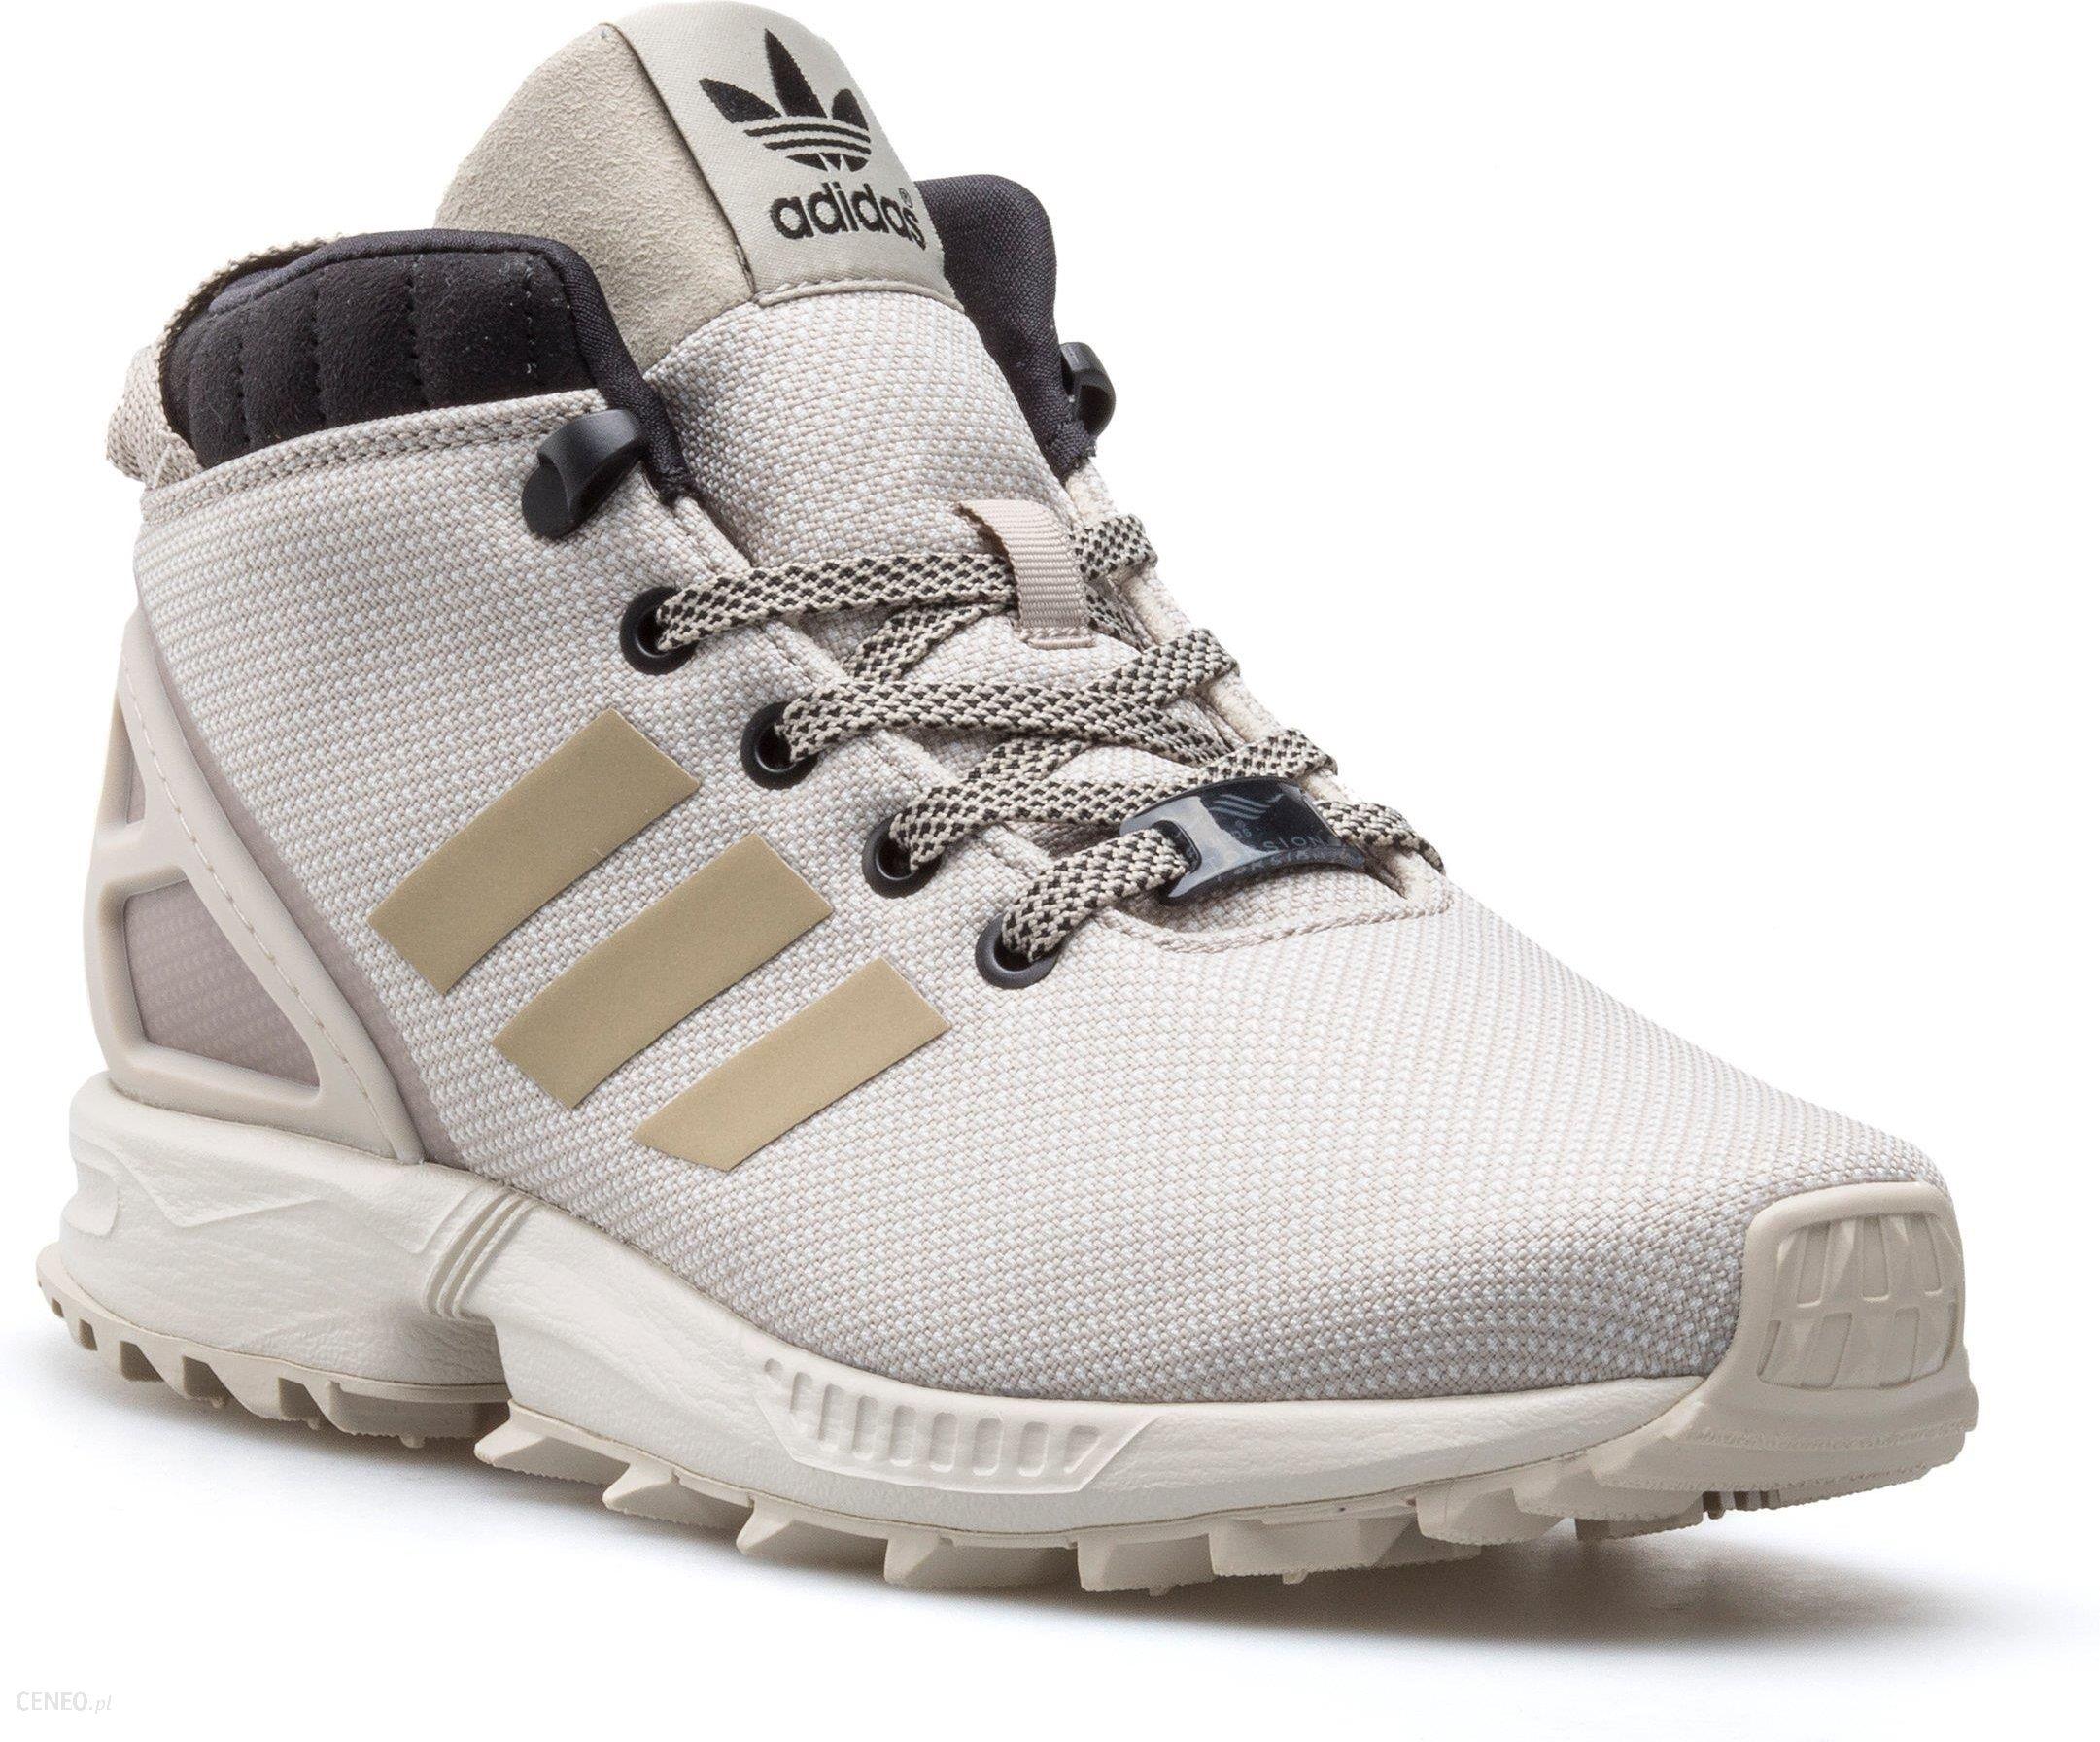 b113051bd ... wholesale buty mskie adidas zx flux 5 8 tr bb2203 r. 44 zdjcie 1 786c0